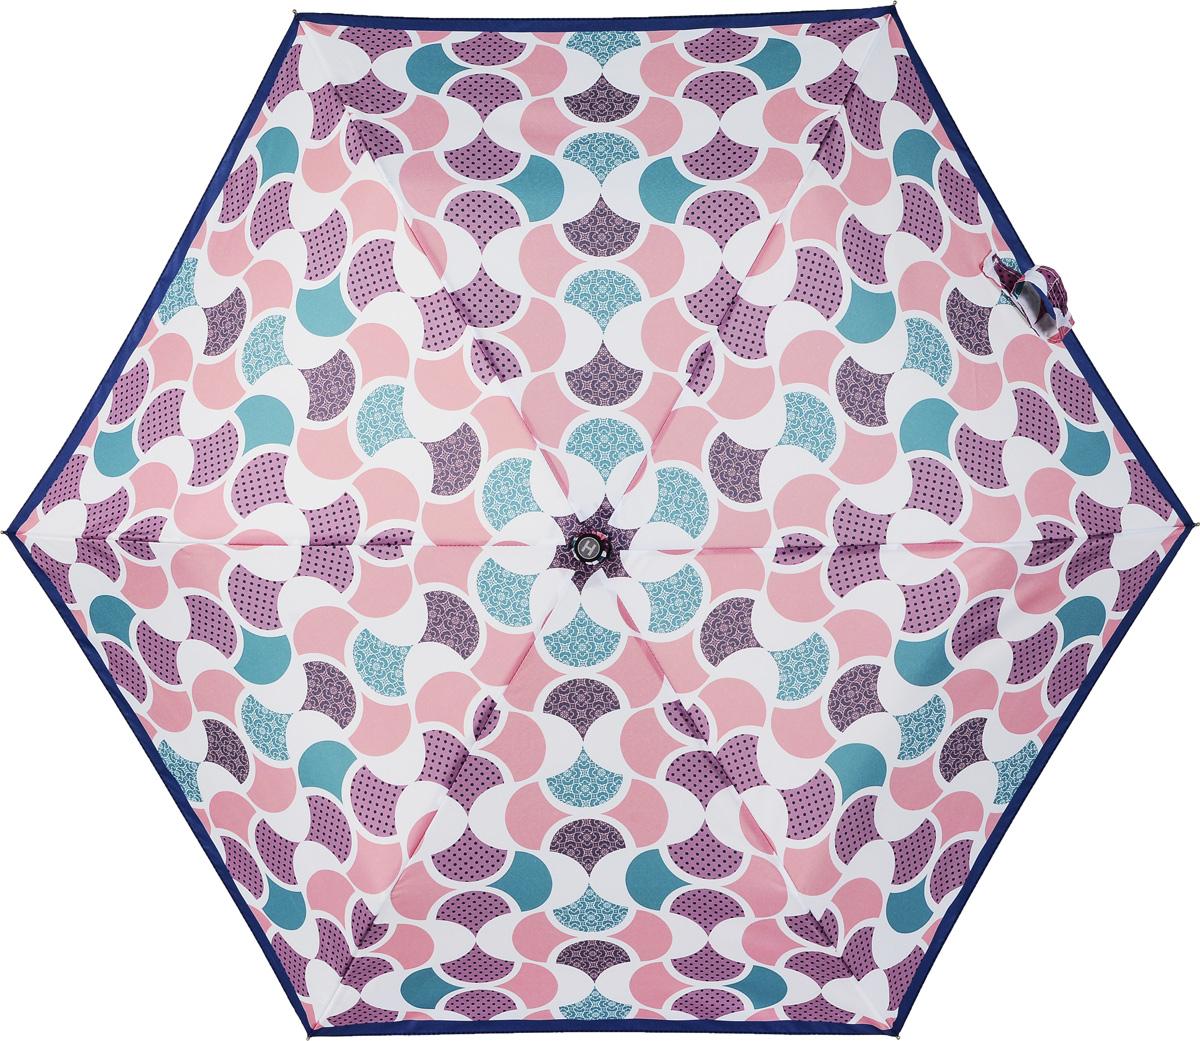 Зонт женский Henry Backer, 3 сложения, цвет: розовый. U32203 Good moodКолье (короткие одноярусные бусы)Суперлегкий женский зонт «Хорошее настроение», механикаРучка выполнена из нескользящего материала, ветроустойчивый каркас – из алюминия и фибергласса.